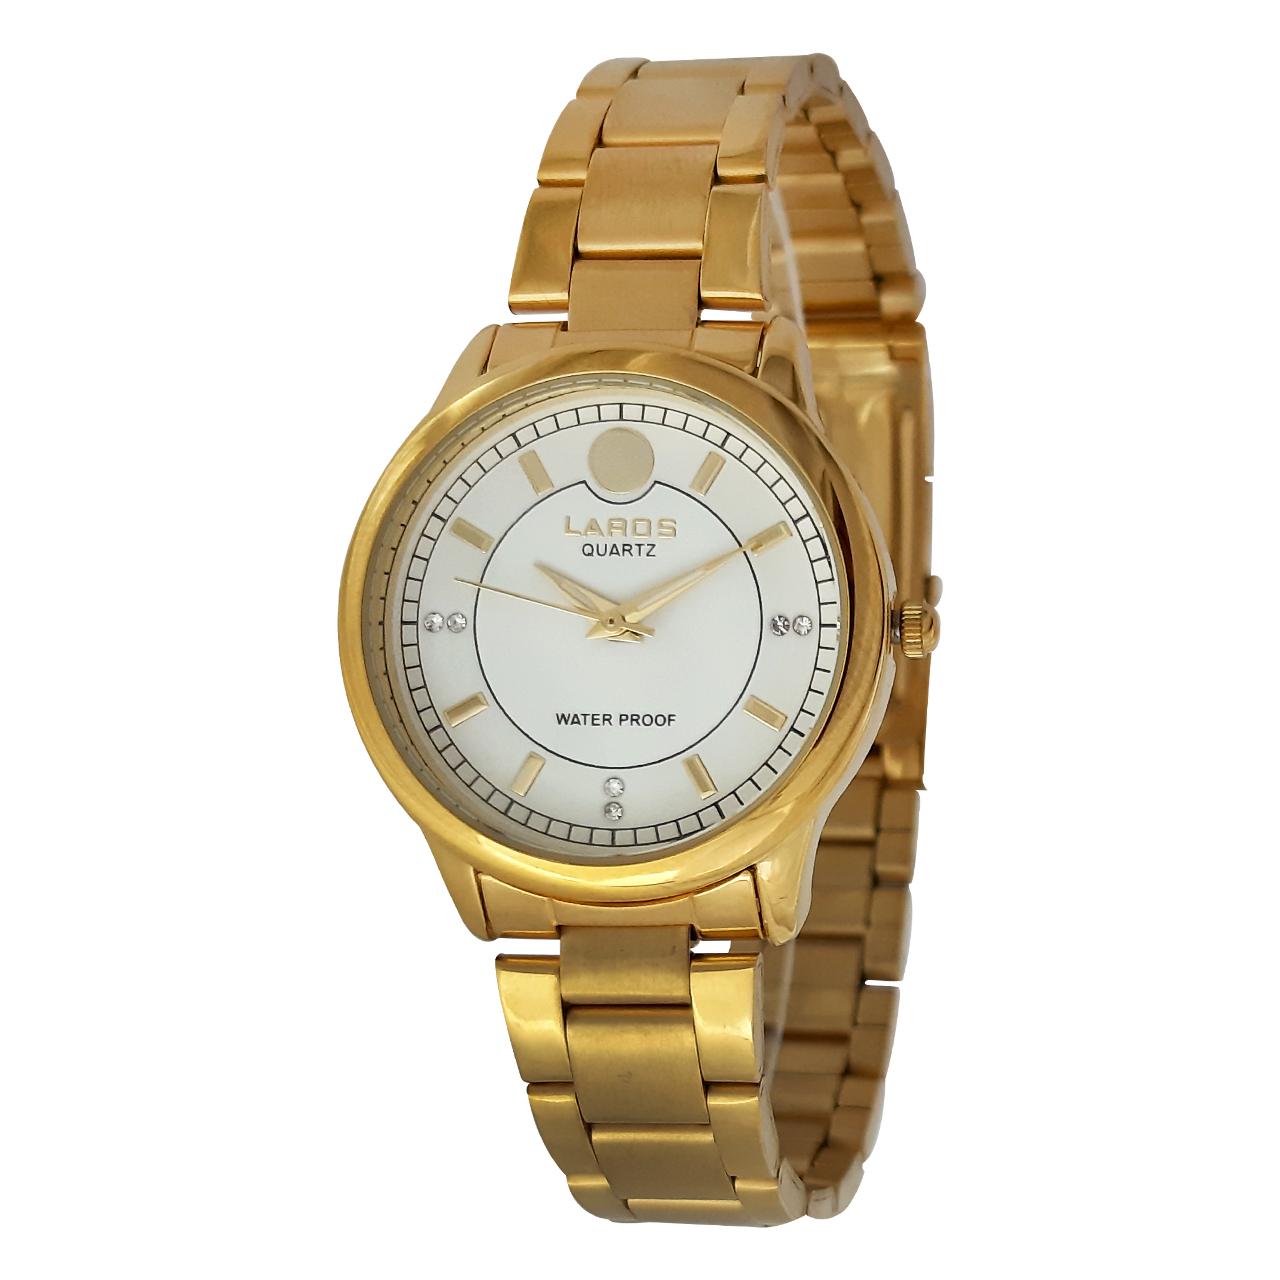 ساعت مچی عقربه ای زنانه لاروس مدل 0916-79914 به همراه دستمال مخصوص برند کلین واچ 37